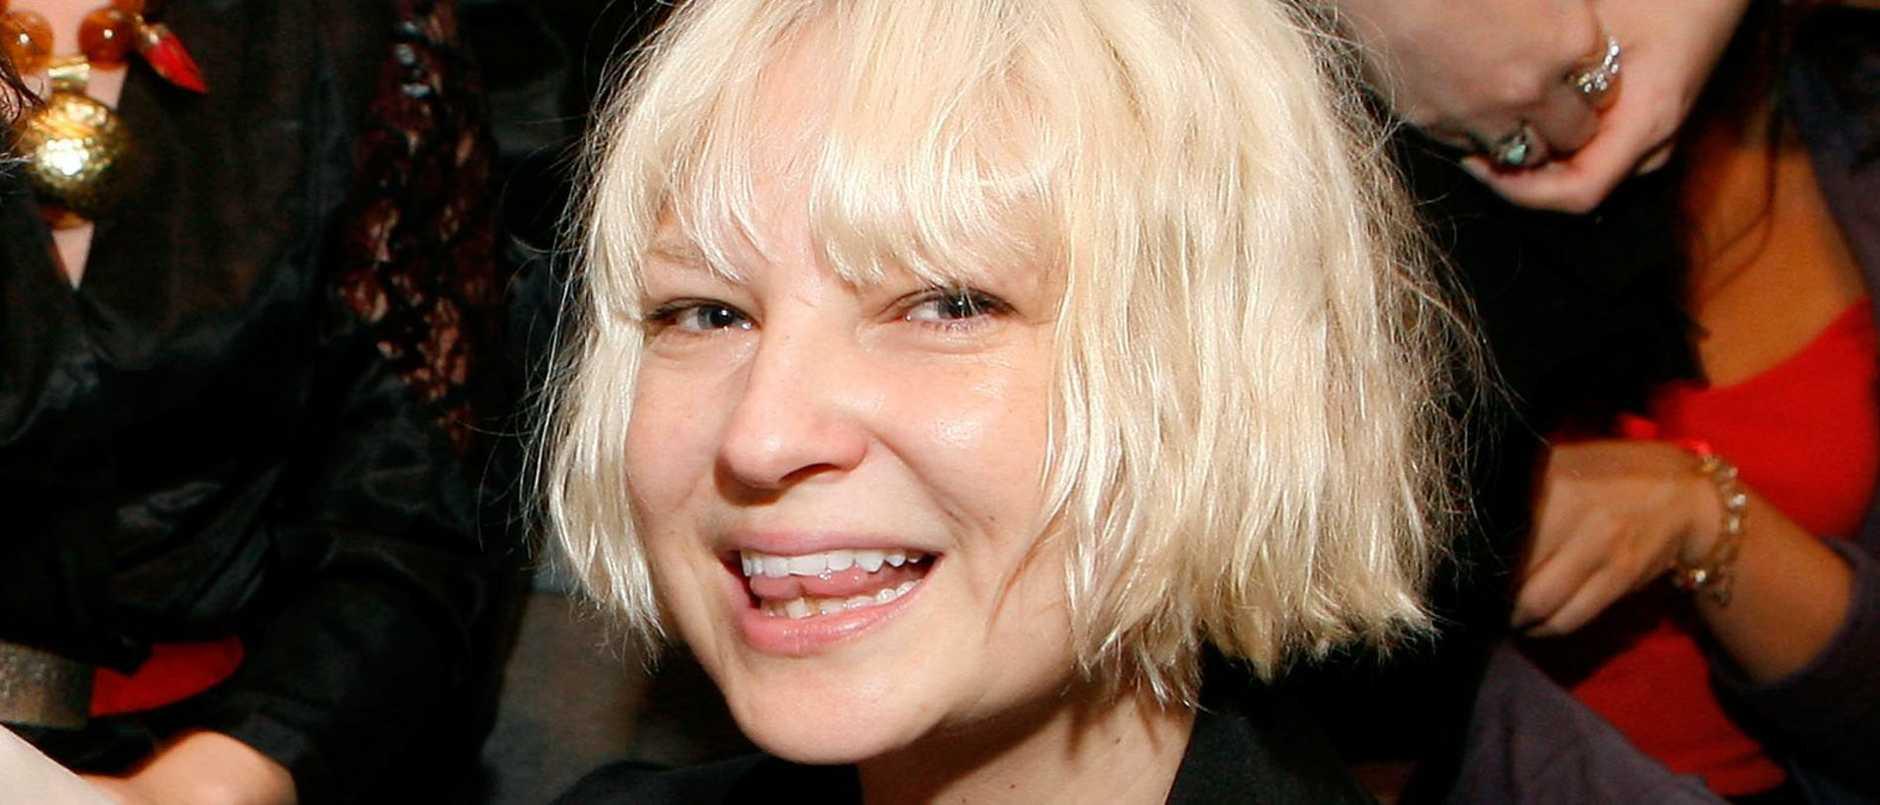 Singer Sia Furler.